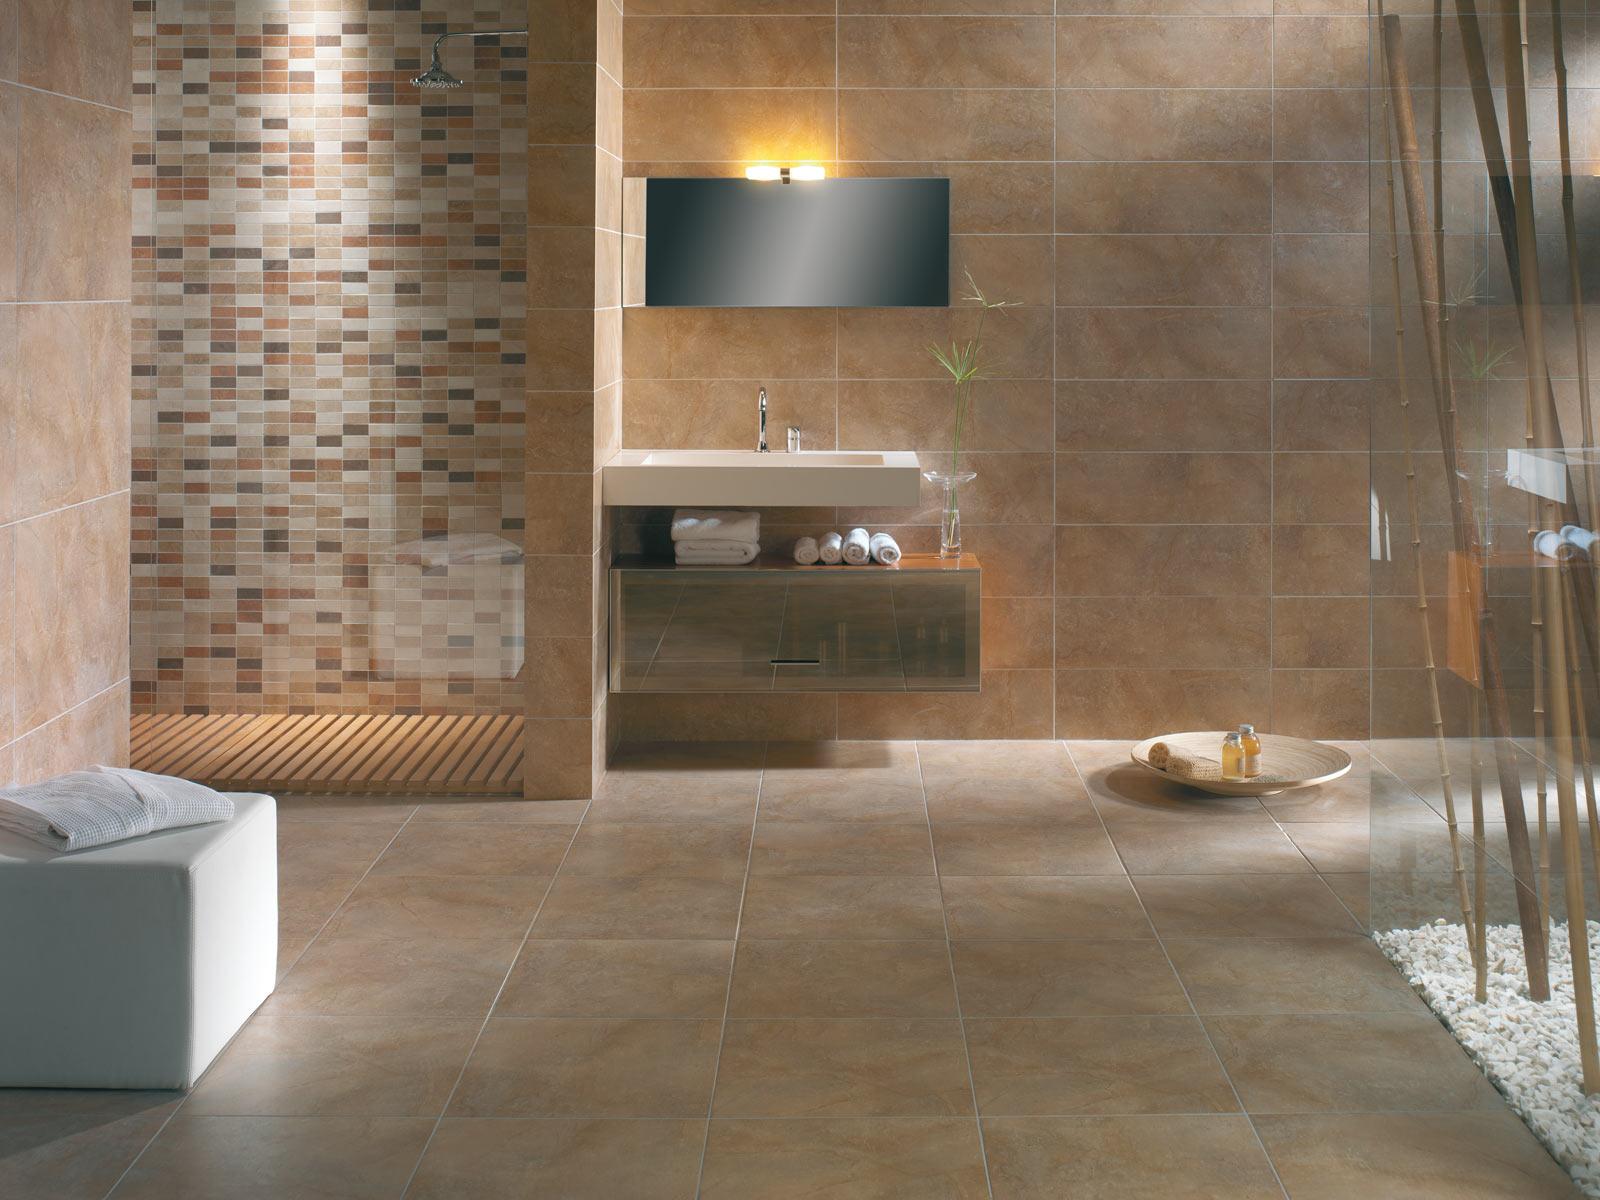 Regrout floor tiles